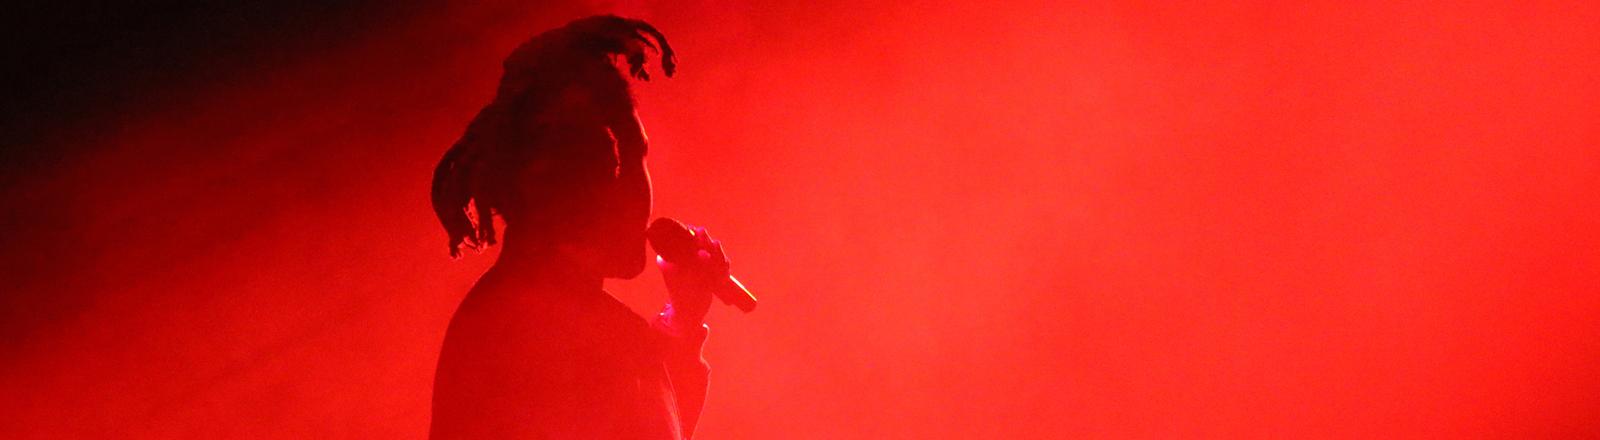 """Der kanadische R&B-Sänger """"The Weeknd"""" (Abel Tesfaye) tritt am 08.06.2015 auf der Apple-Entwicklerkonferenz WWDC 2015 im Moscone Center West in San Francisco auf. Das kalifornische Unternehmen hatte dort den Dienst Apple Music vorgestellt."""